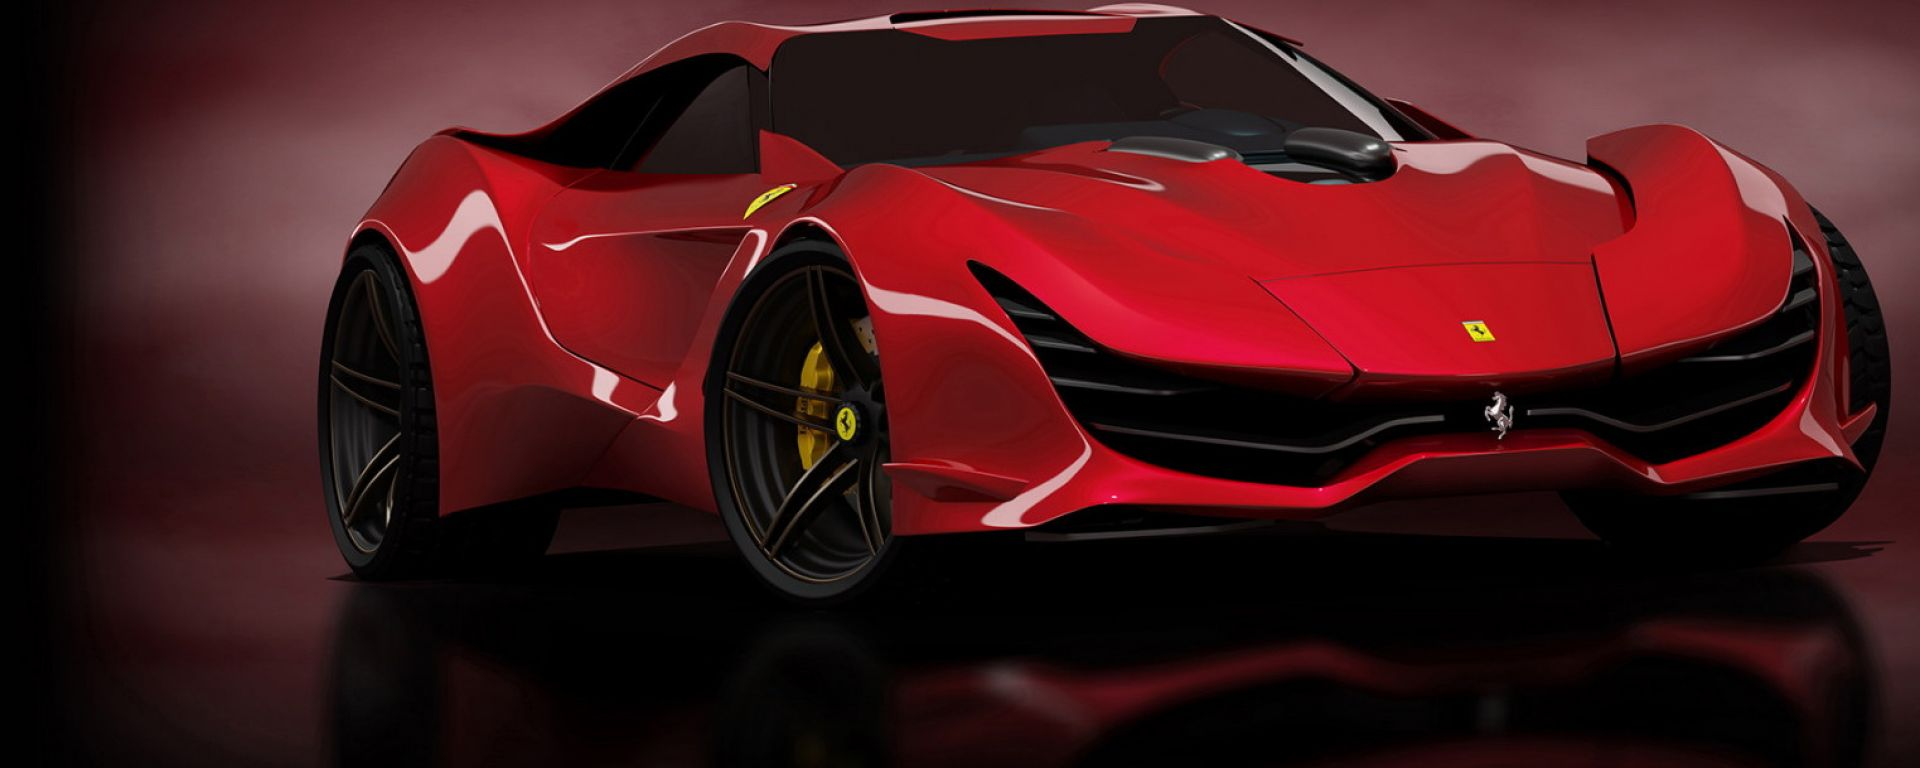 Ferrari Cascorosso, il rendering di Dejan Hristov